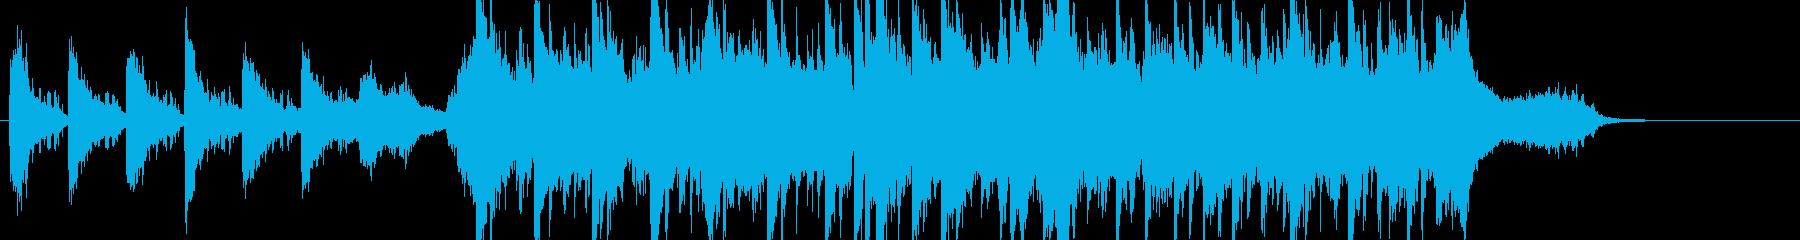 多幸感溢れるウェディング風ポップスの再生済みの波形